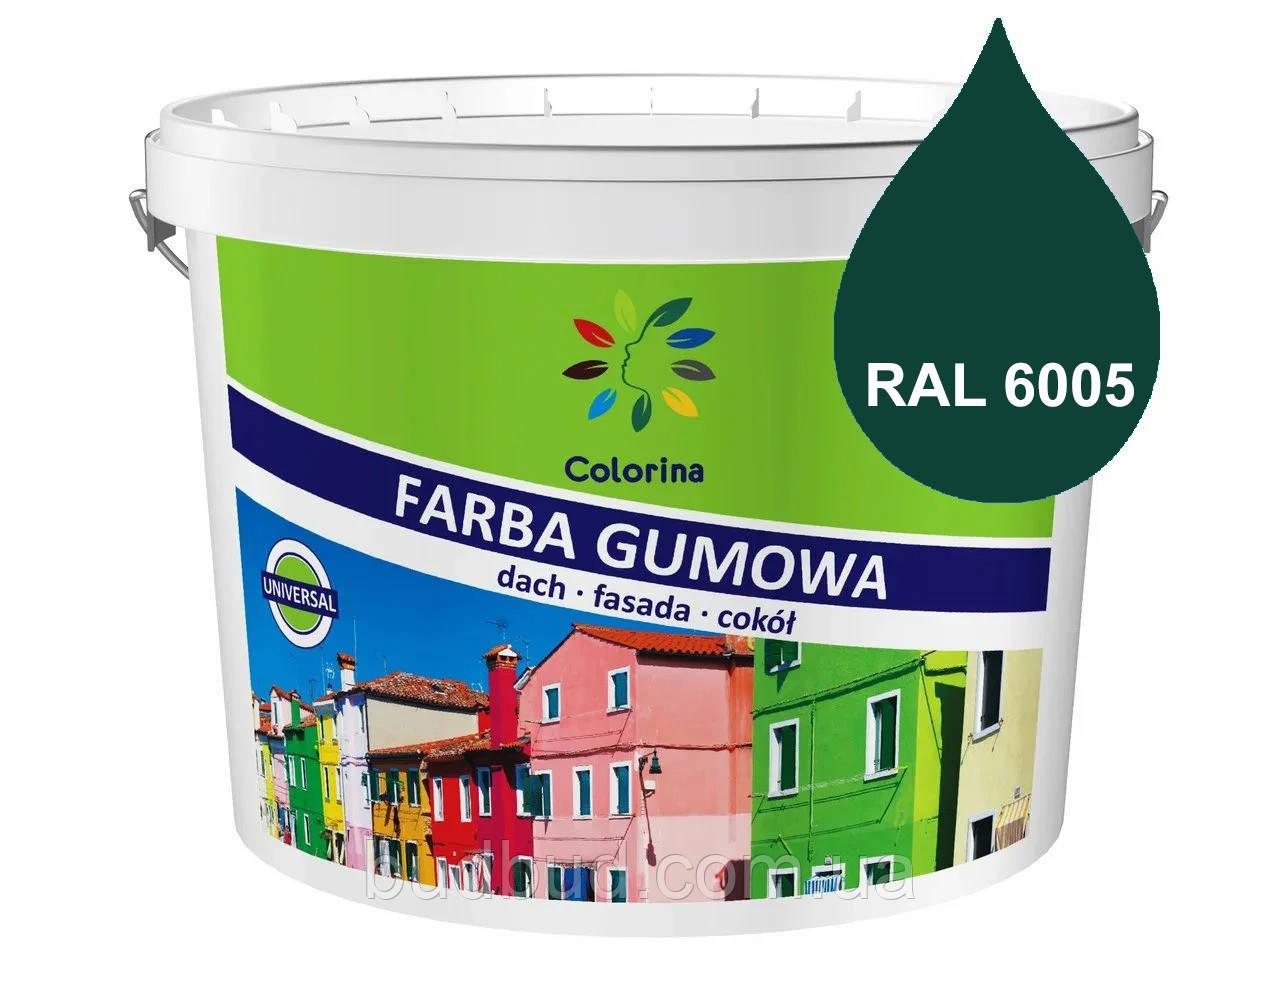 Фарба гумова зелена RAL 5015 COLORINA  12 кг